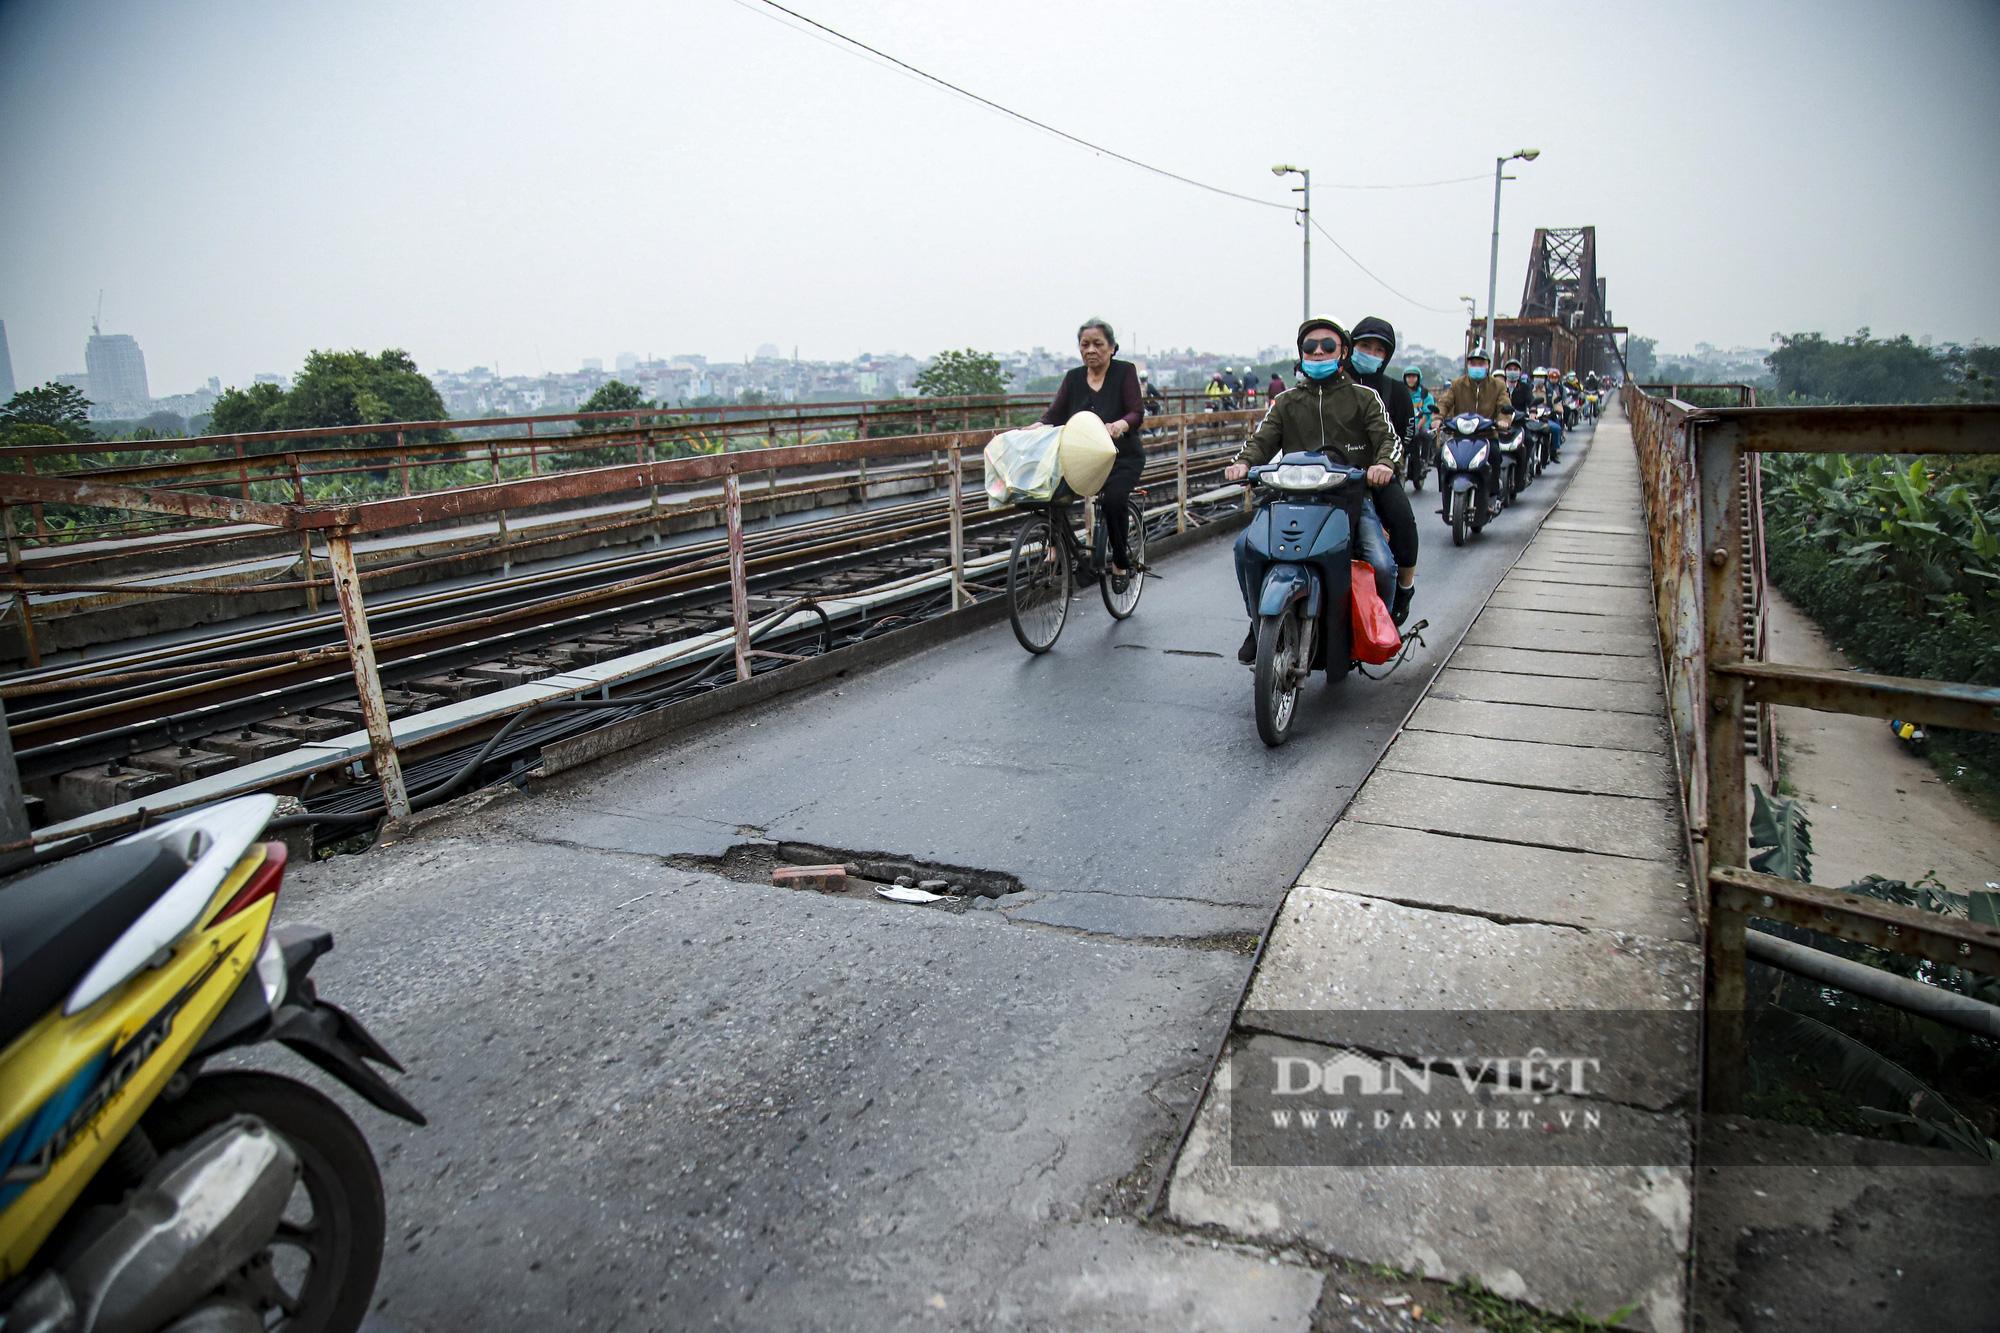 Cầu Long Biên xuống cấp khó khăn về kinh phí để bảo trì - Ảnh 2.